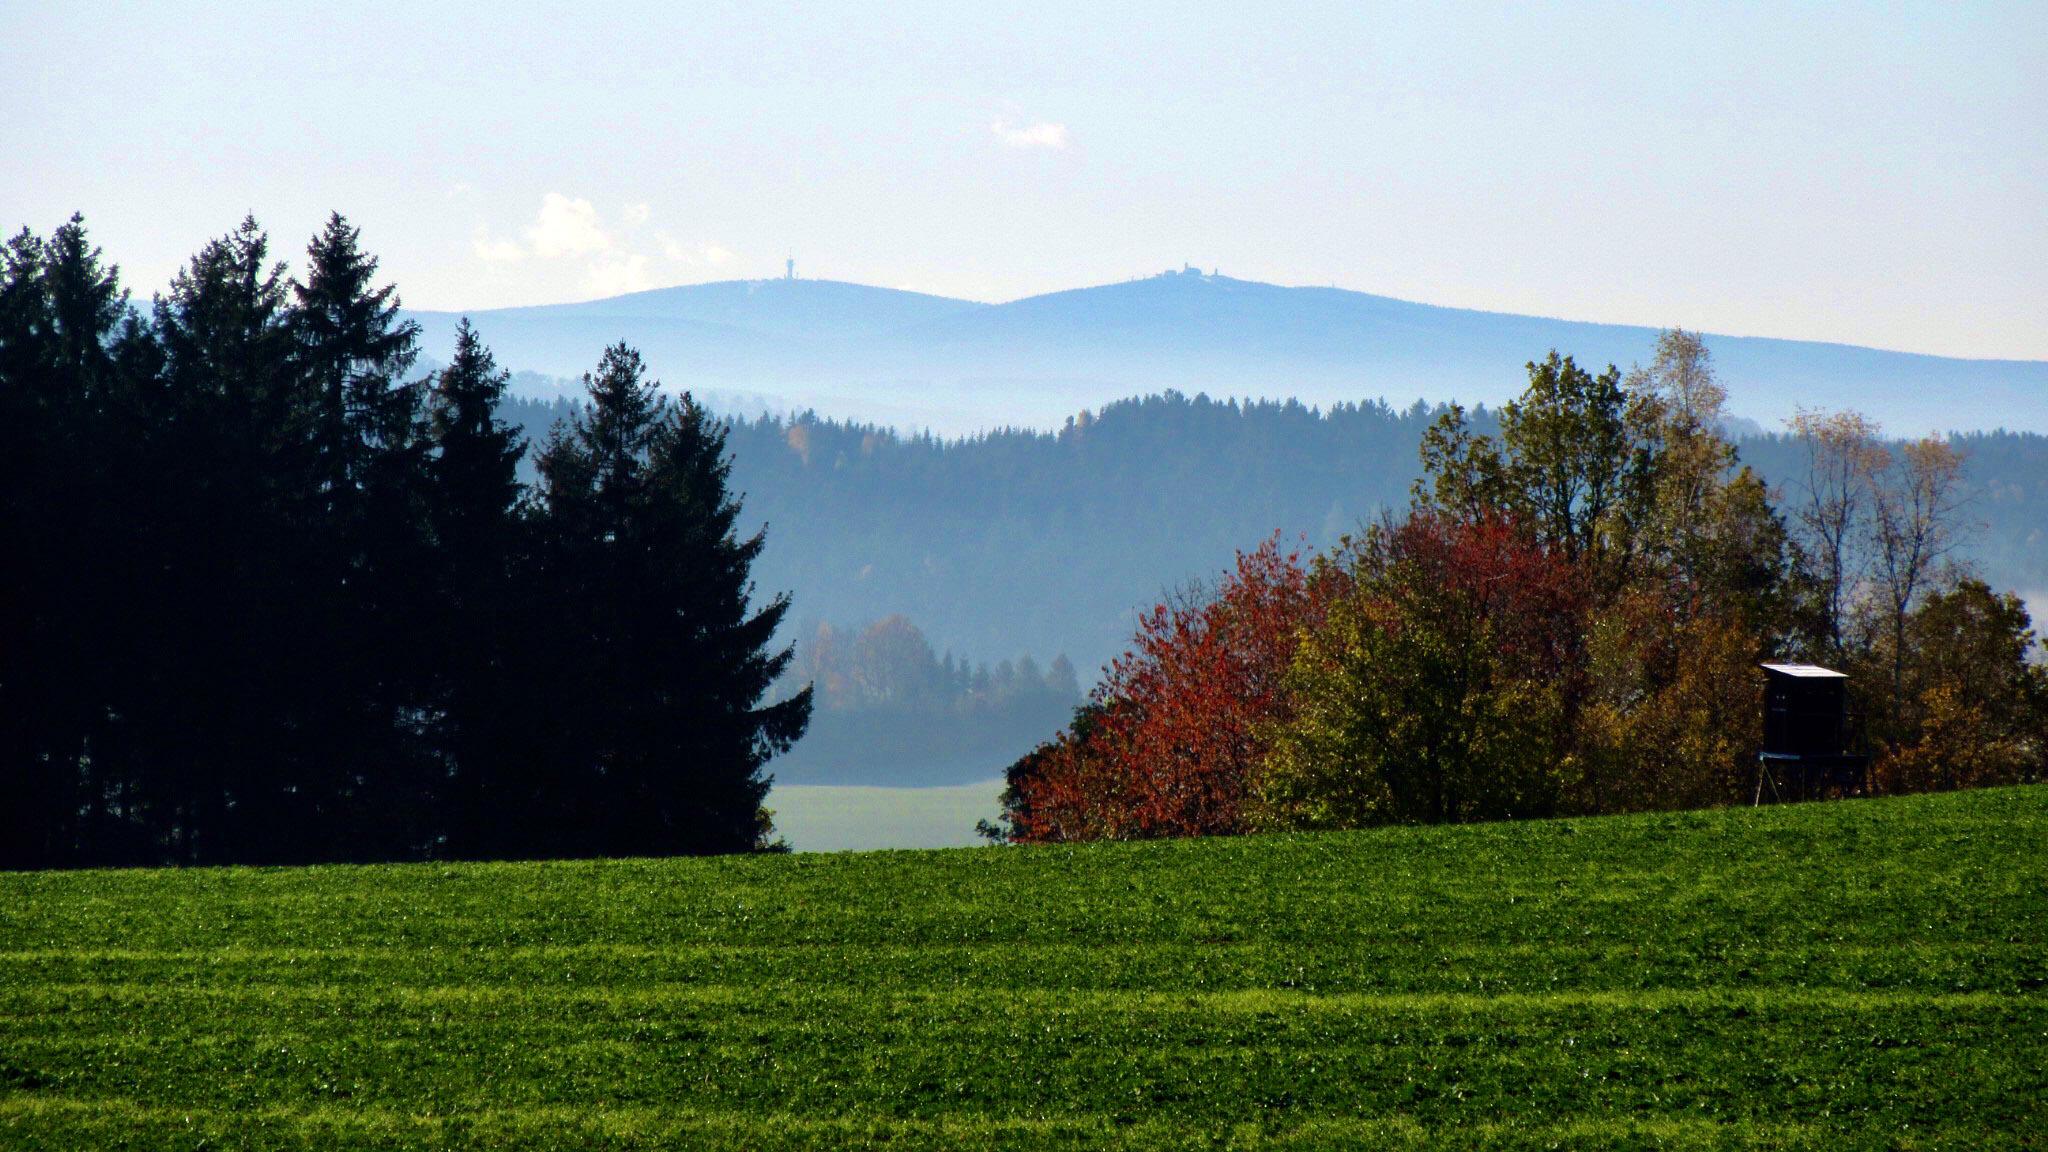 Der 1.244 Meter hohe Keilberg (Klínovec) und der 1.215 Meter hohe Fichtelberg sind weithin zu sehen. Foto: Chris Bergau/bergau-media.com